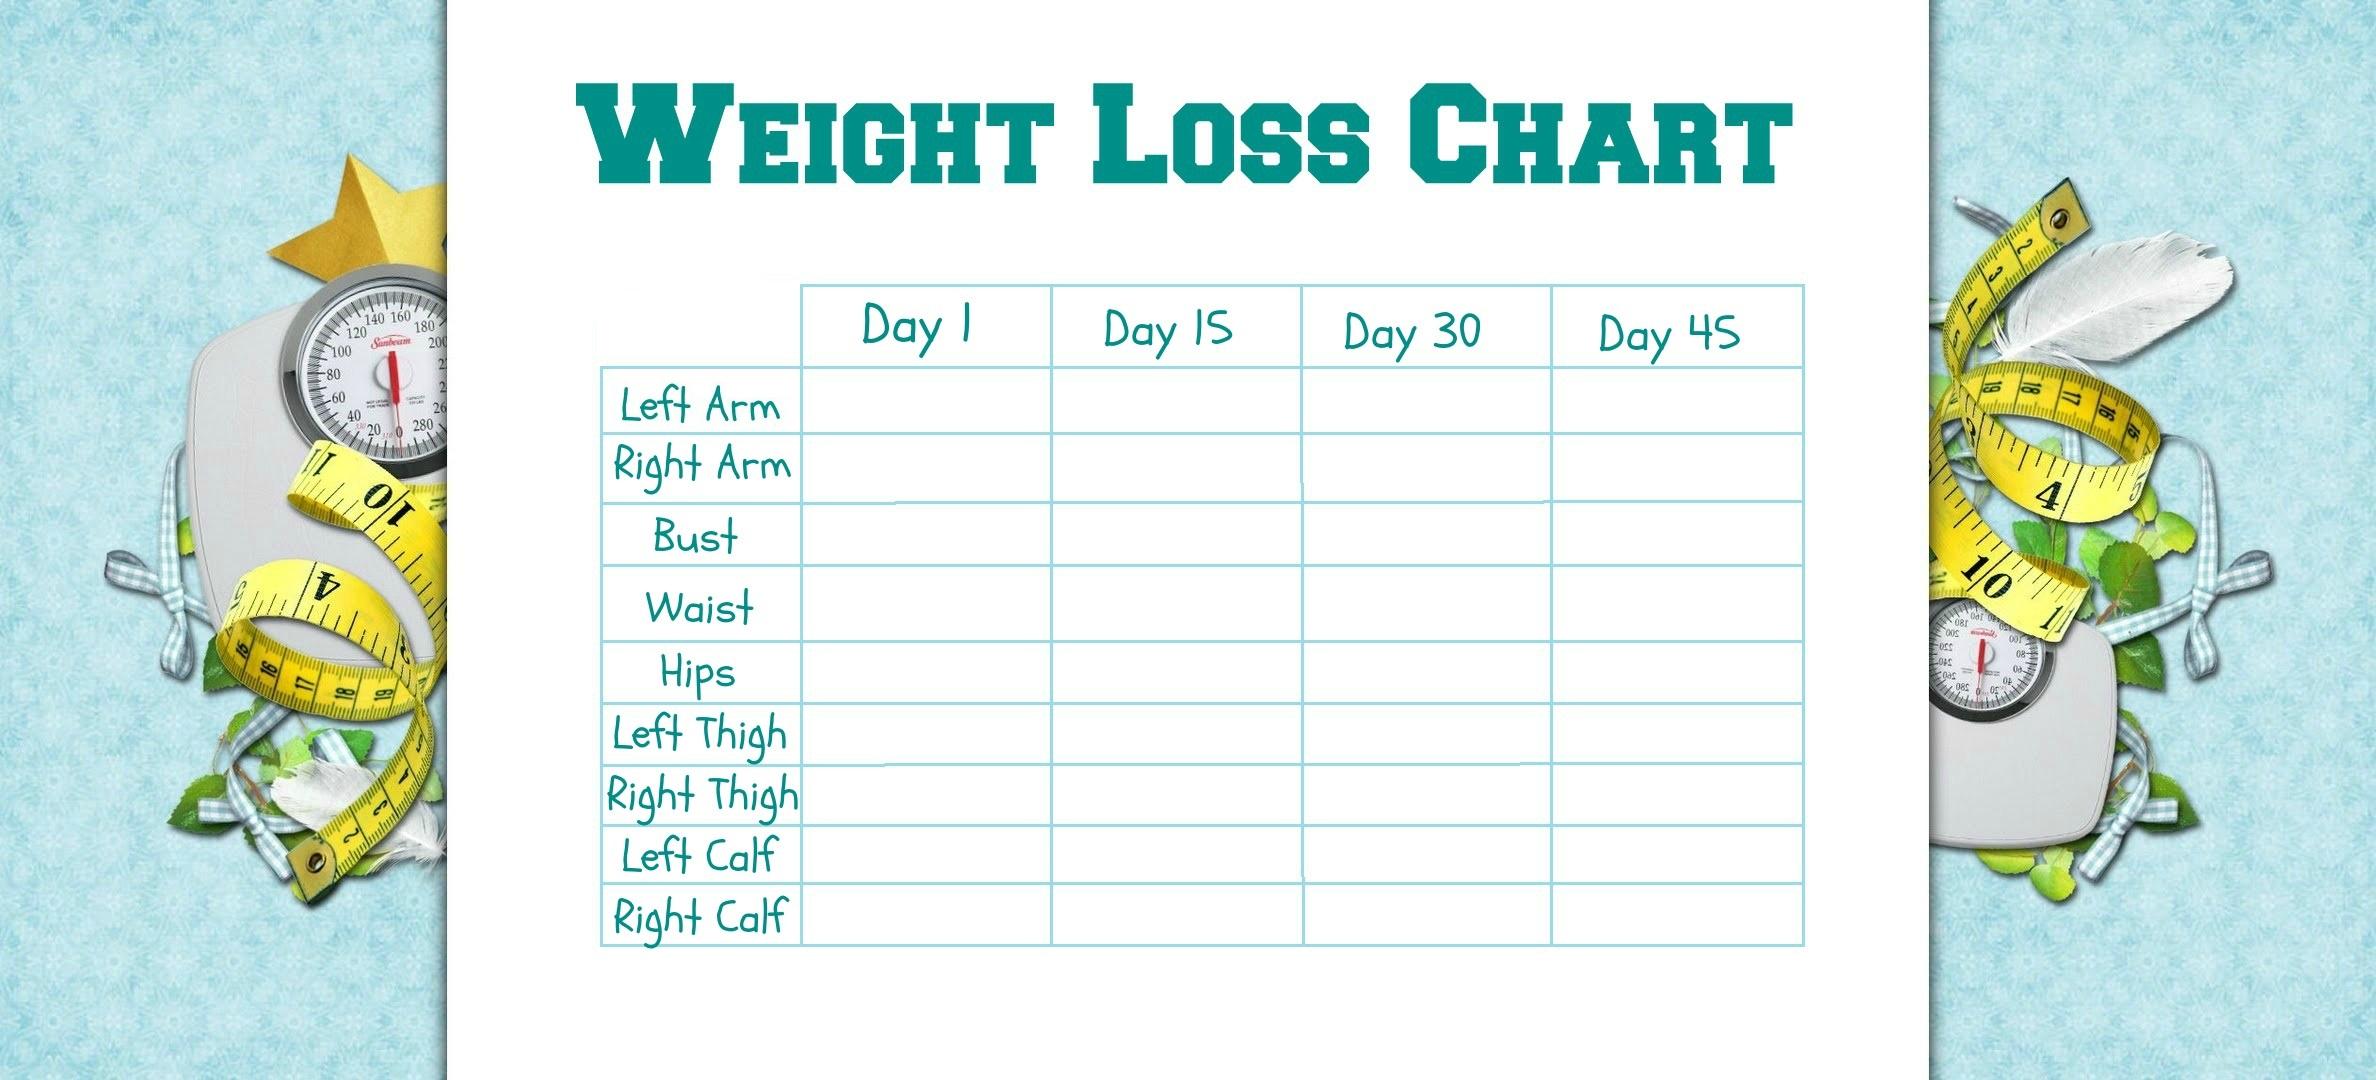 Boss was weight loss pills testimonials examples